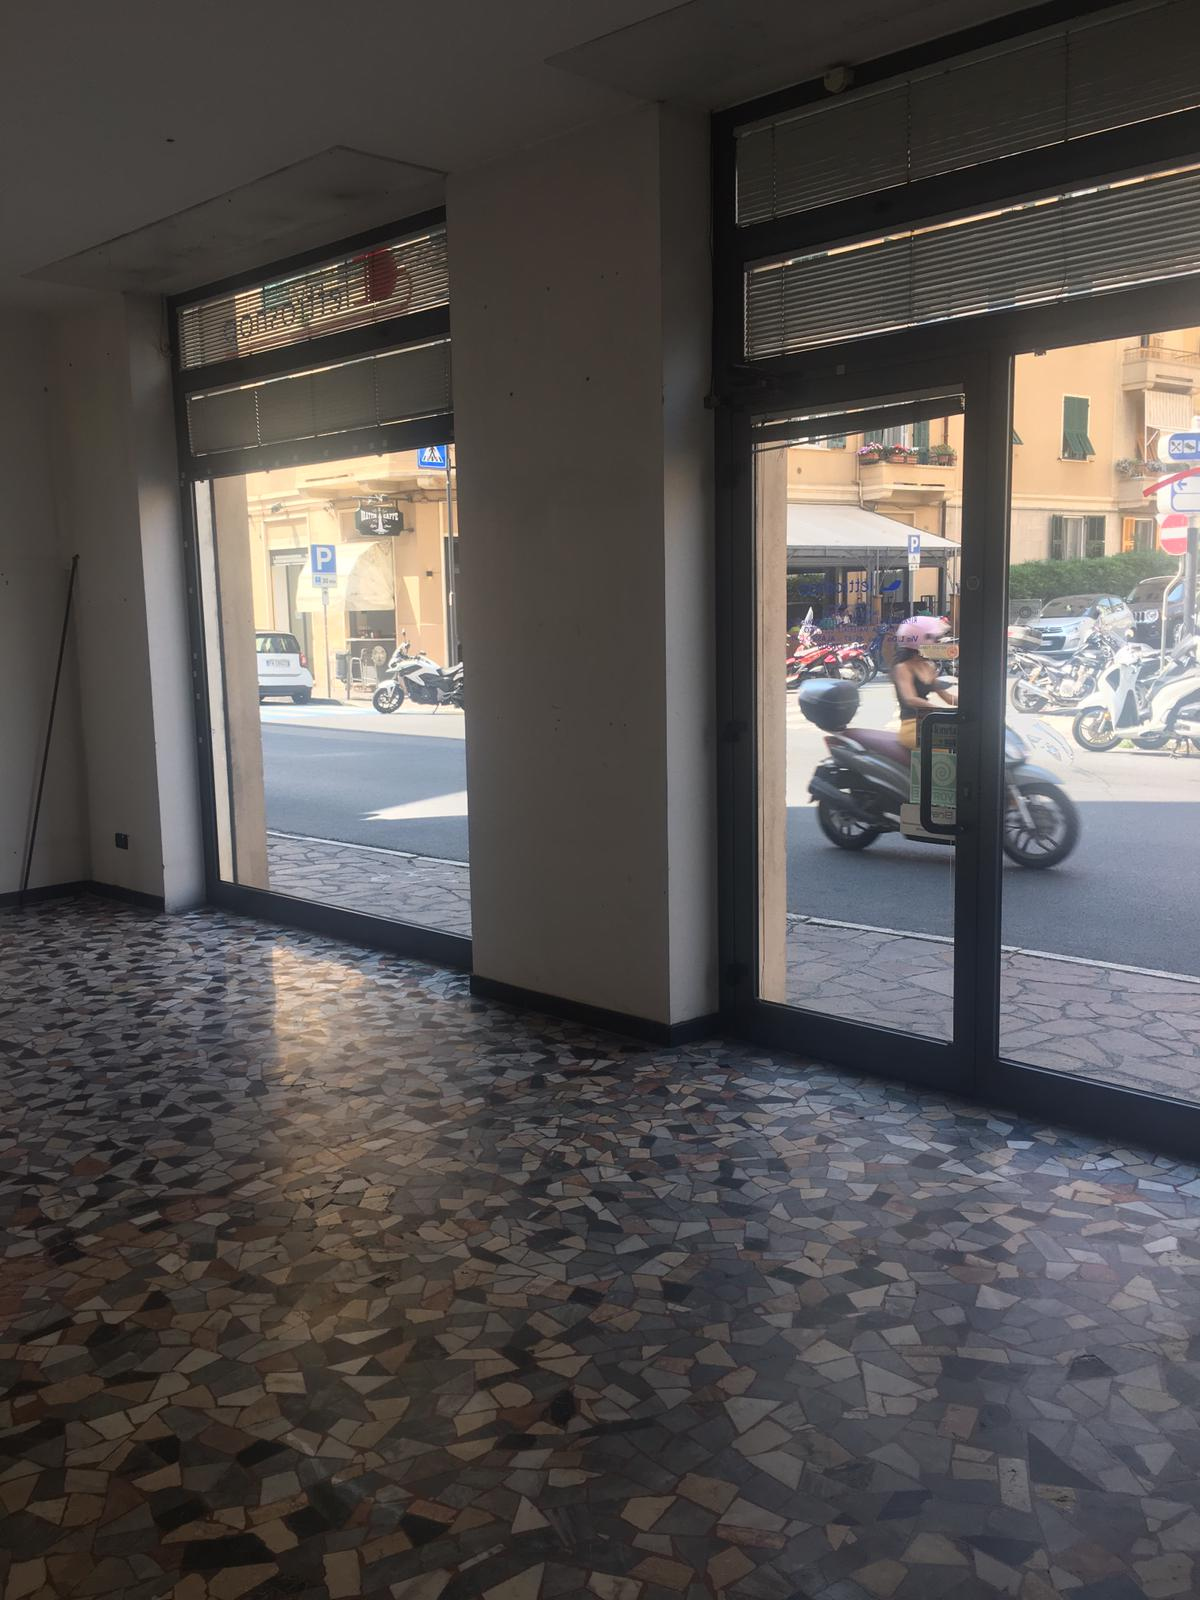 Attività / Licenza in affitto a Alassio, 9999 locali, prezzo € 1.300 | PortaleAgenzieImmobiliari.it